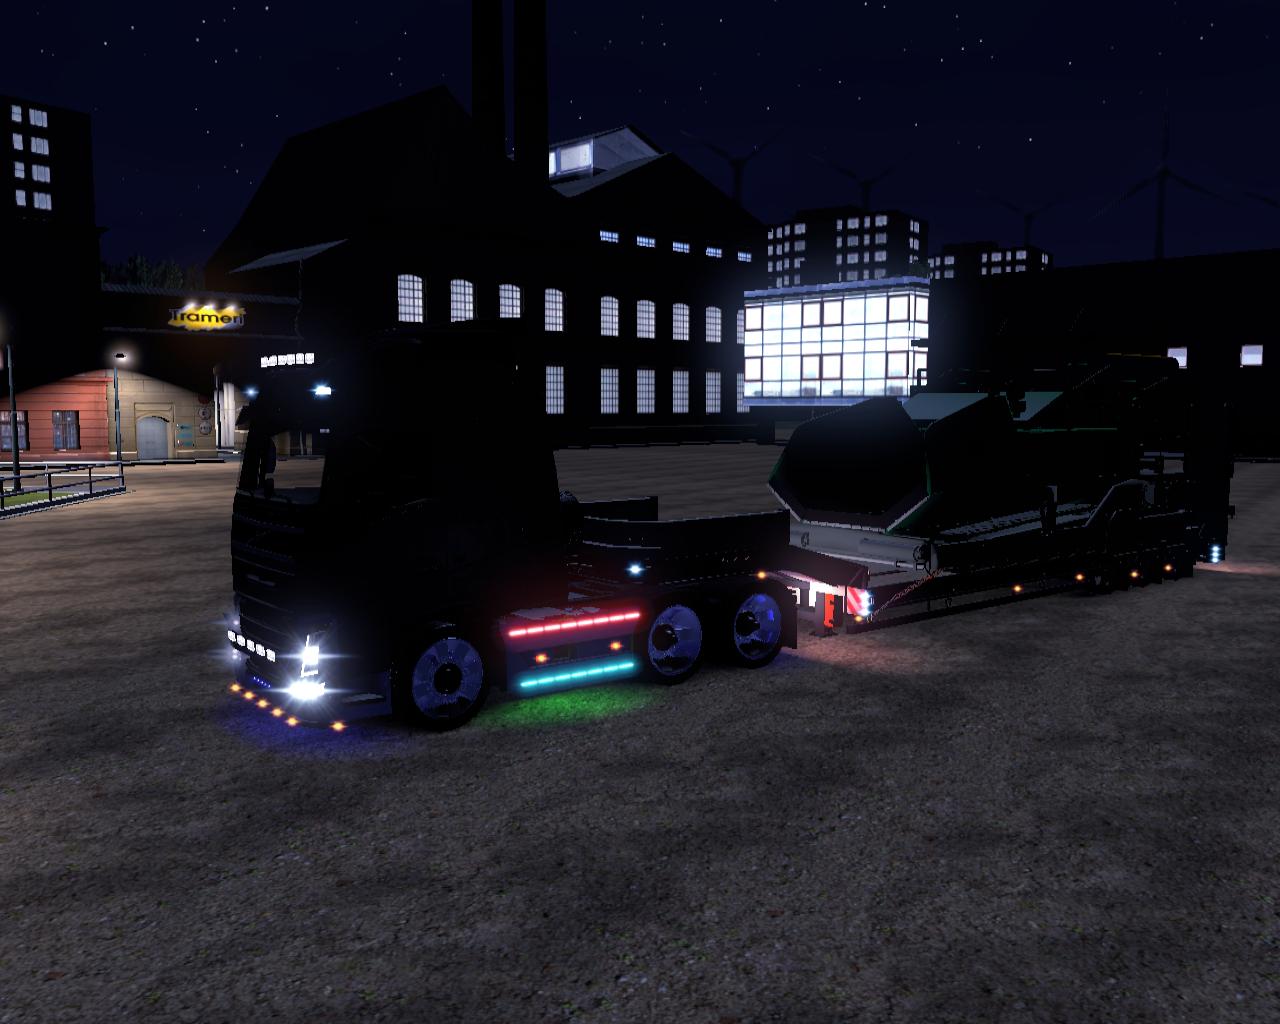 скачать euro truck simulator 2 1.8.2.5 с модами через торрент